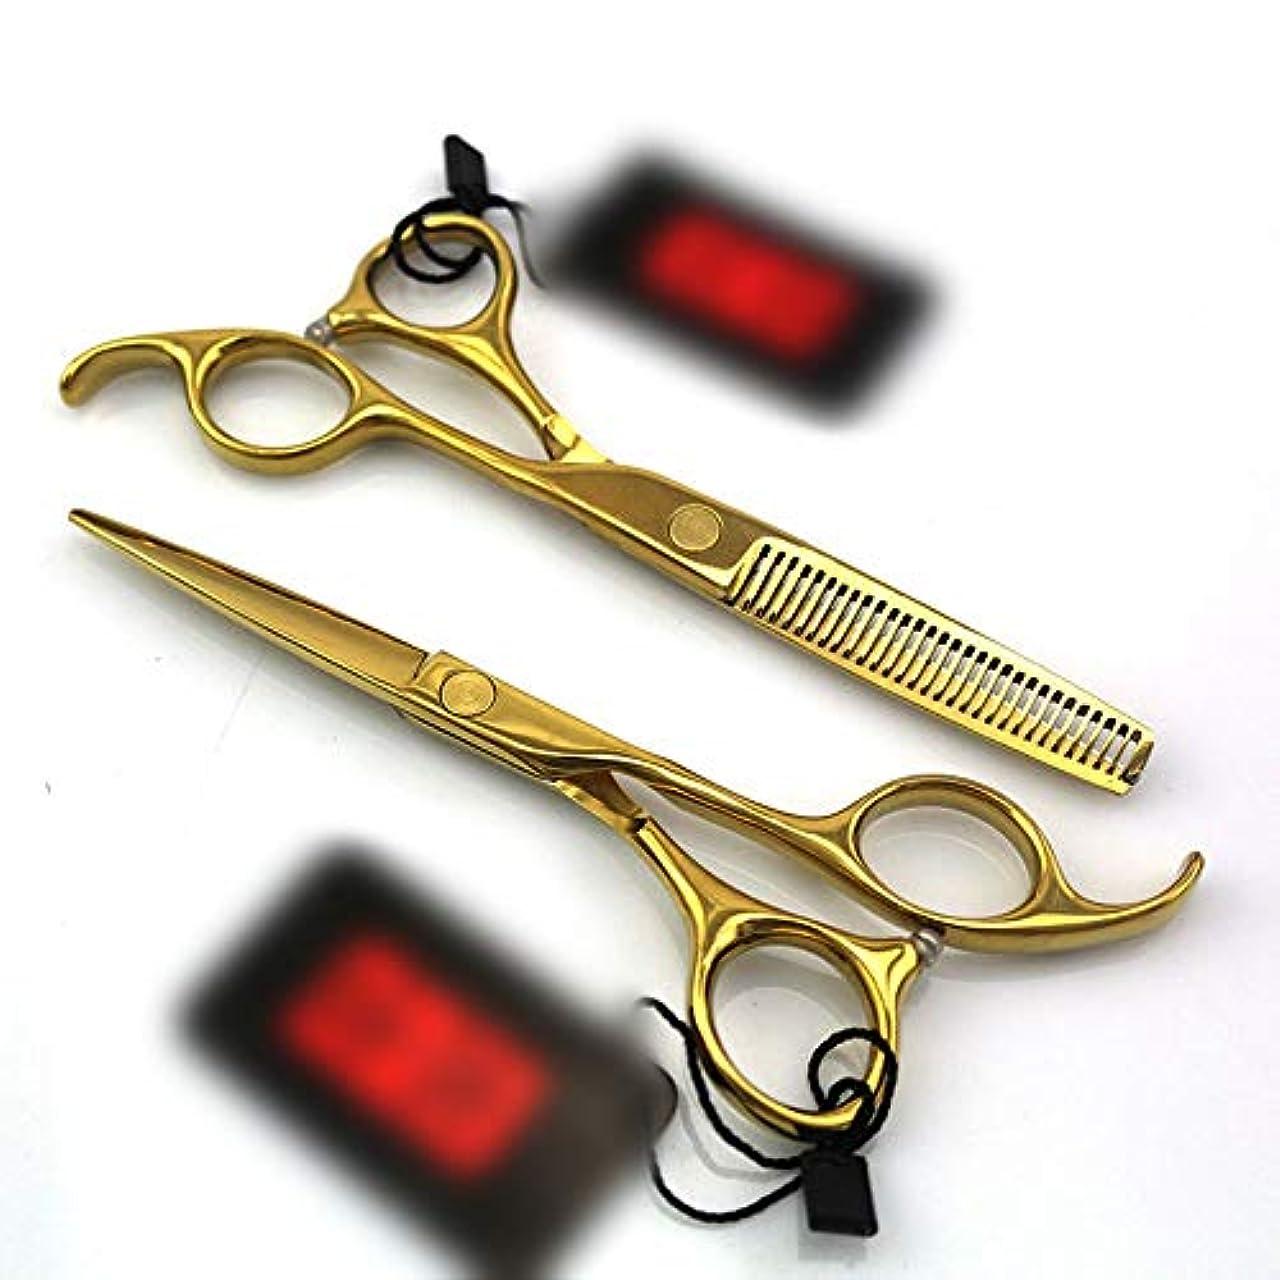 汚染するどこ倉庫5.5インチのまっすぐなハンドルの理髪師のめっきの金の専門の理髪セット モデリングツール (色 : ゴールド)